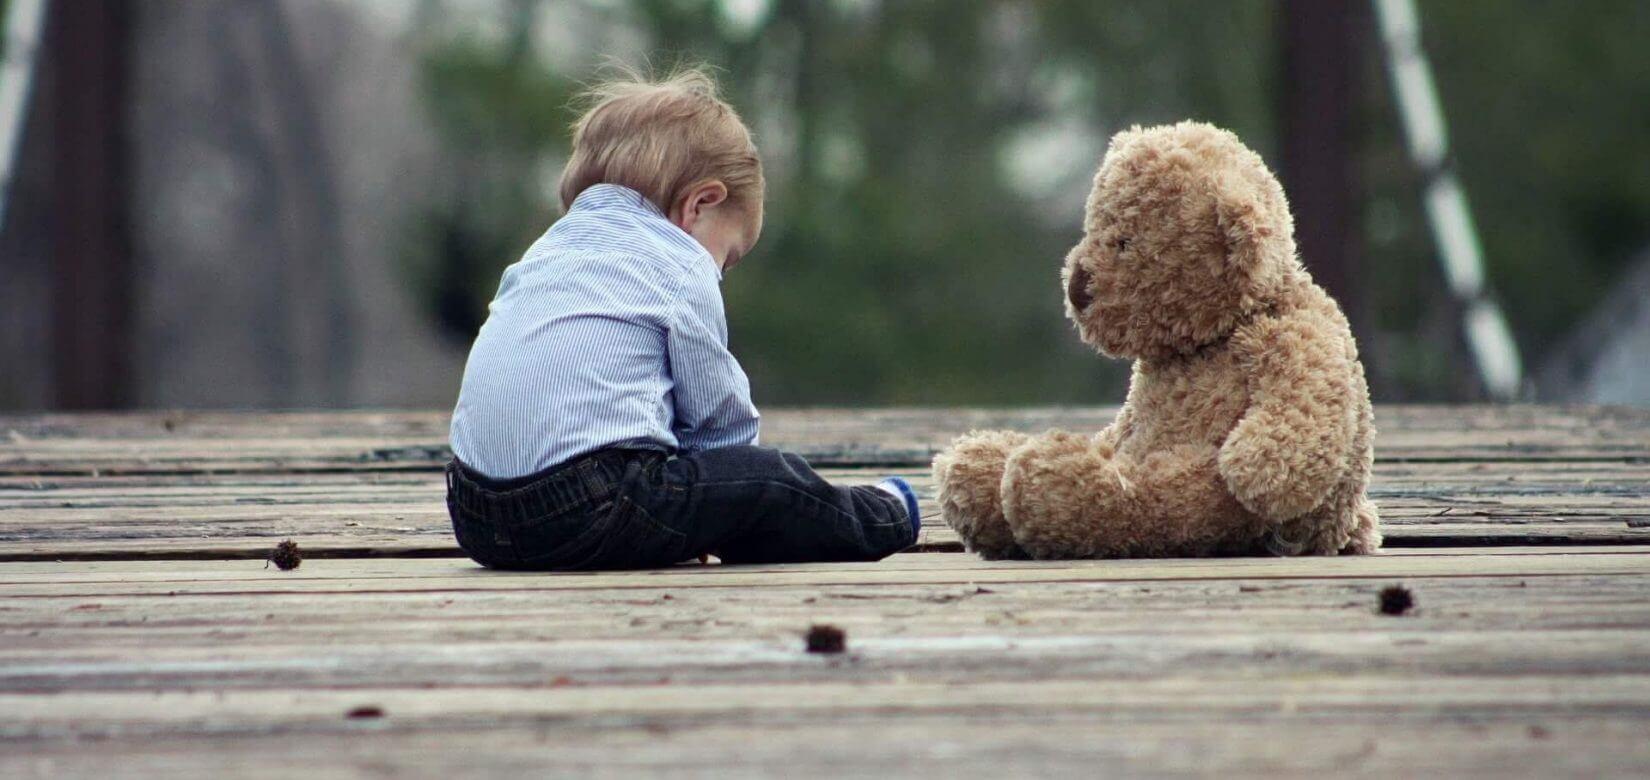 Μωρό βρέθηκε παρατημένο στο δρόμο και τρία παιδιά κλειδωμένα σε πορτ μπαγκάζ - Αδιανόητο!